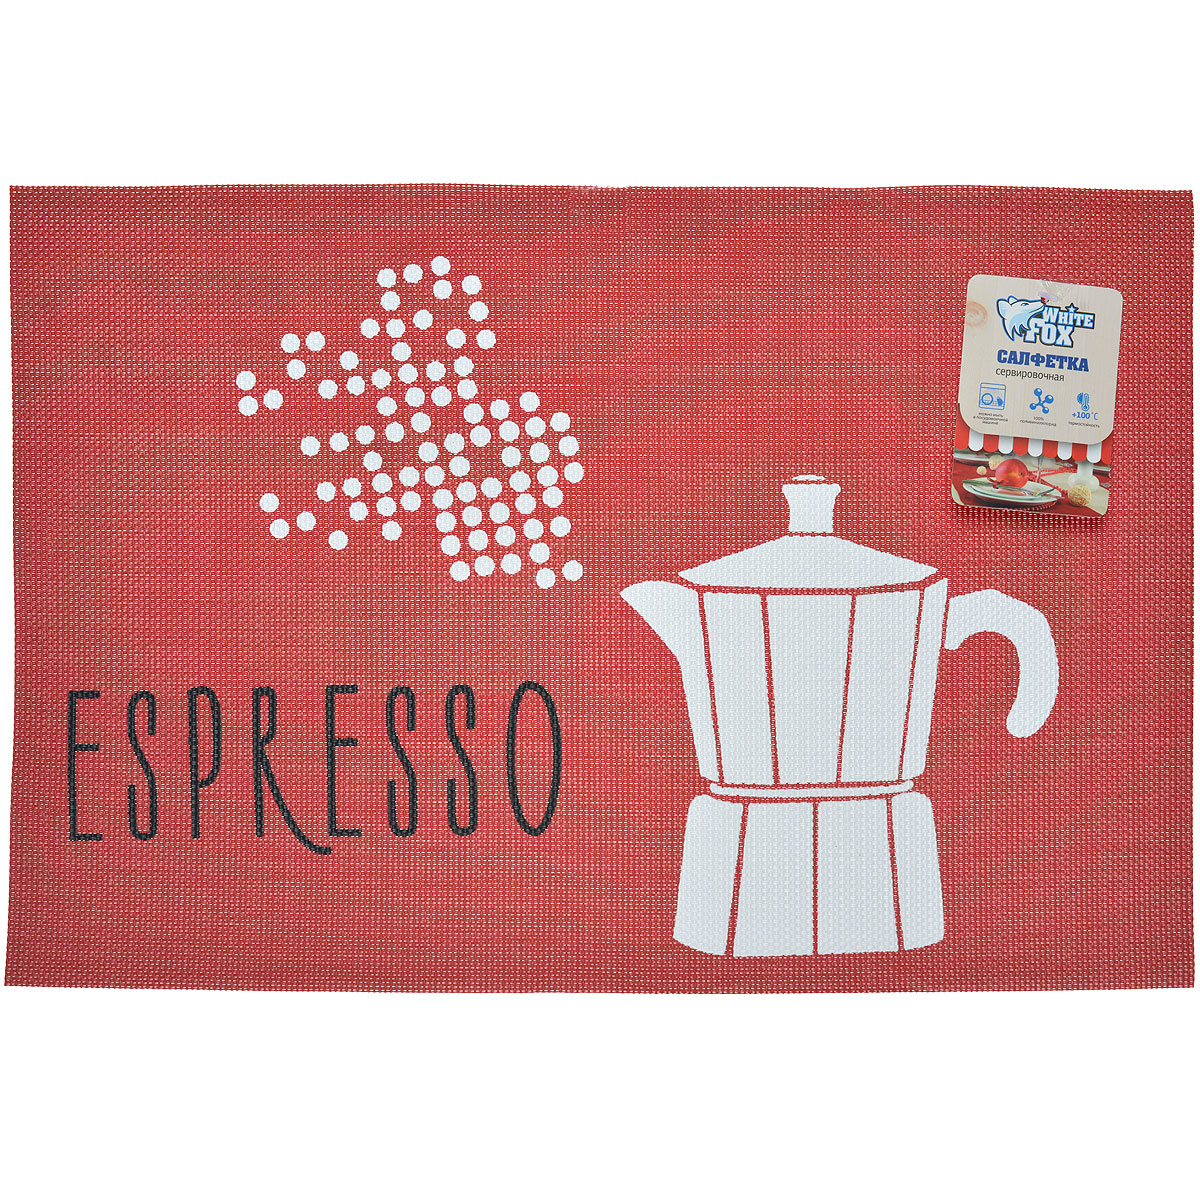 Салфетка сервировочная White Fox Эспрессо, цвет: красный, 30 x 45 см, 4 шт115010Салфетка White Fox Эспрессо, выполненная из ПВХ, предназначена для сервировки стола. Она служит защитой от царапин и различных следов, а также используется в качестве подставки под горячее. Салфетка, оформленная дизайнерским рисунком в виде кофейника и надписи Espresso, дополнит стильную сервировку стола.